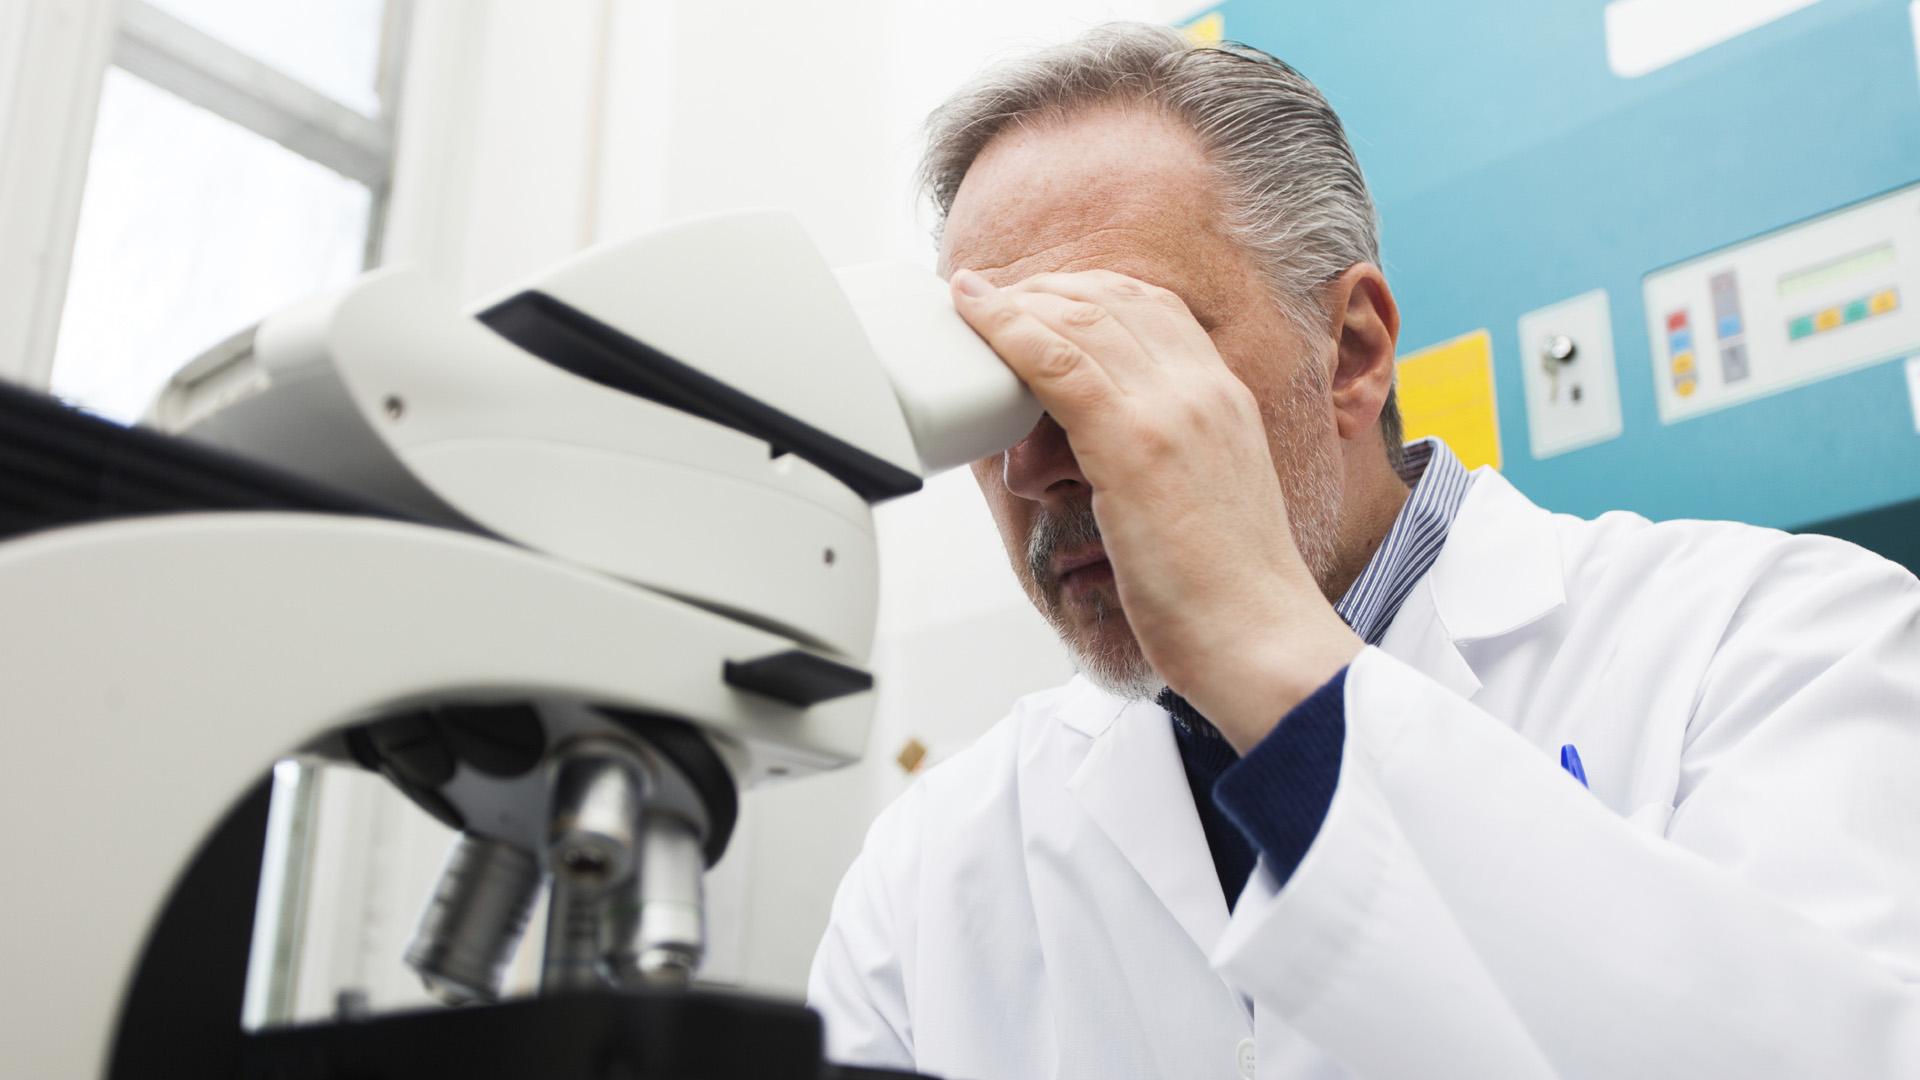 El instituto venezolano propone la utilización de nanopartículas magnéticas para combatir células malignas